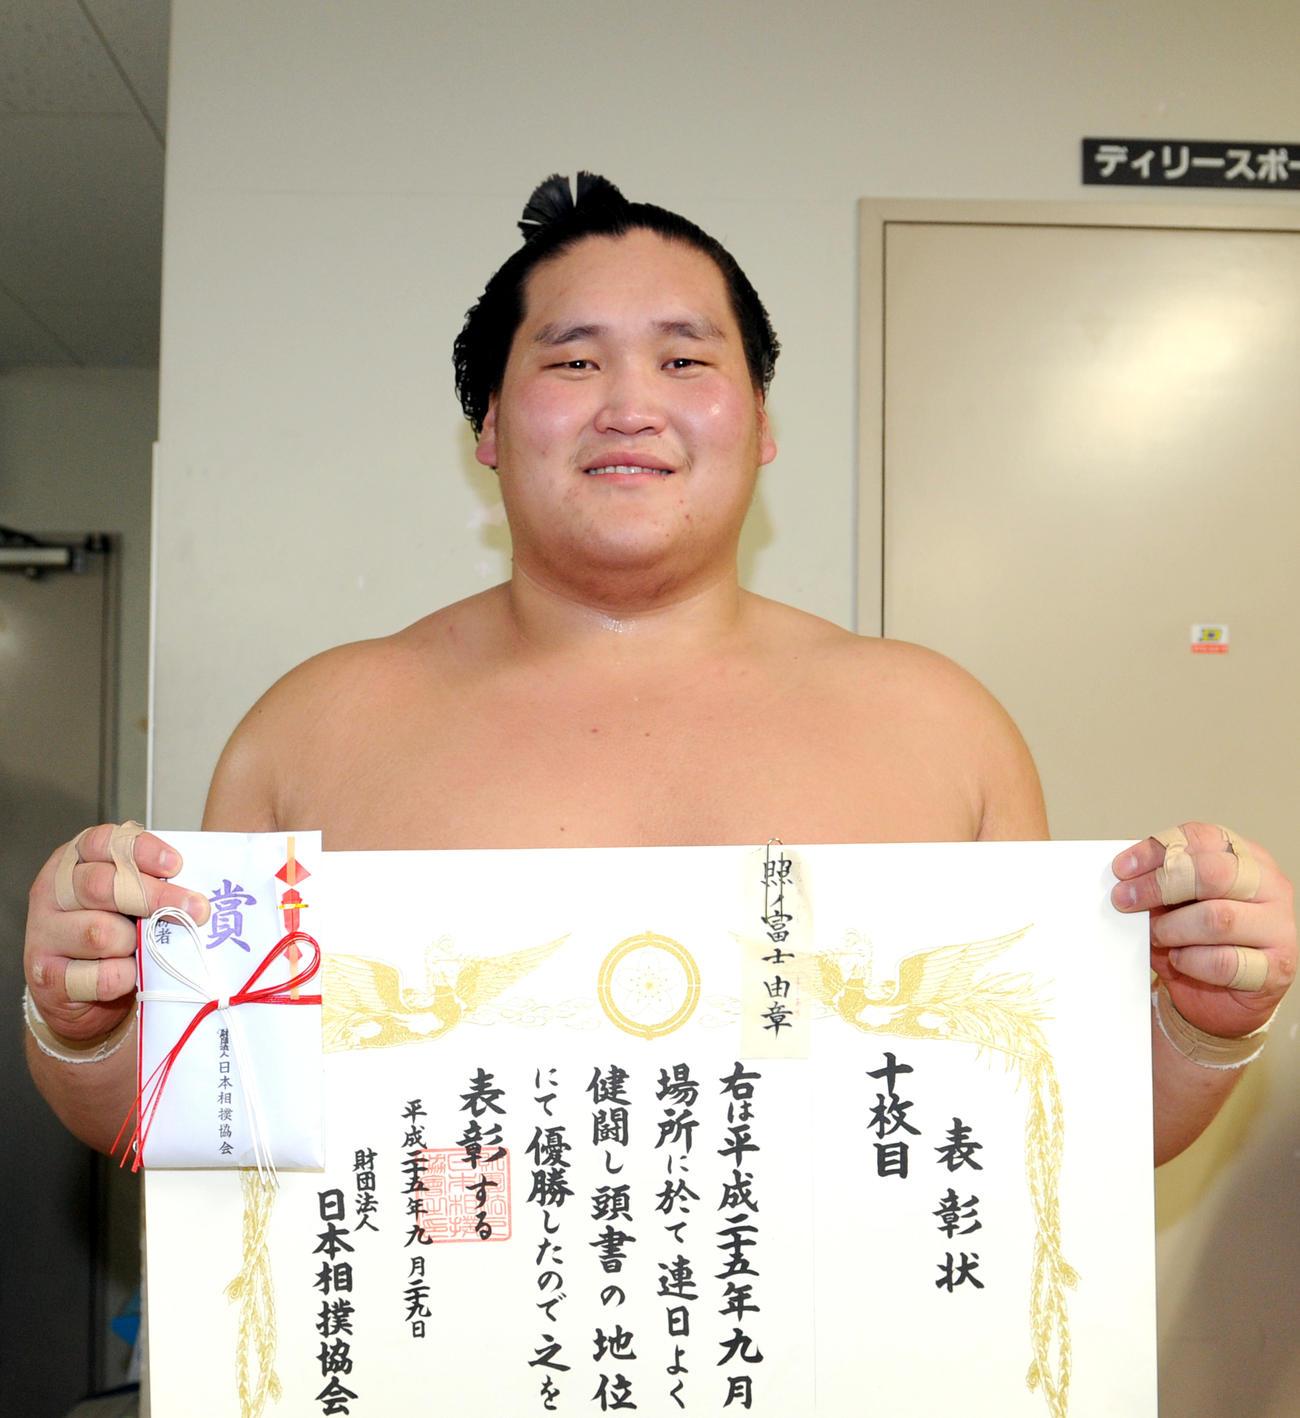 2013年9月29日 大相撲秋場所 千秋楽 十両優勝の照ノ富士